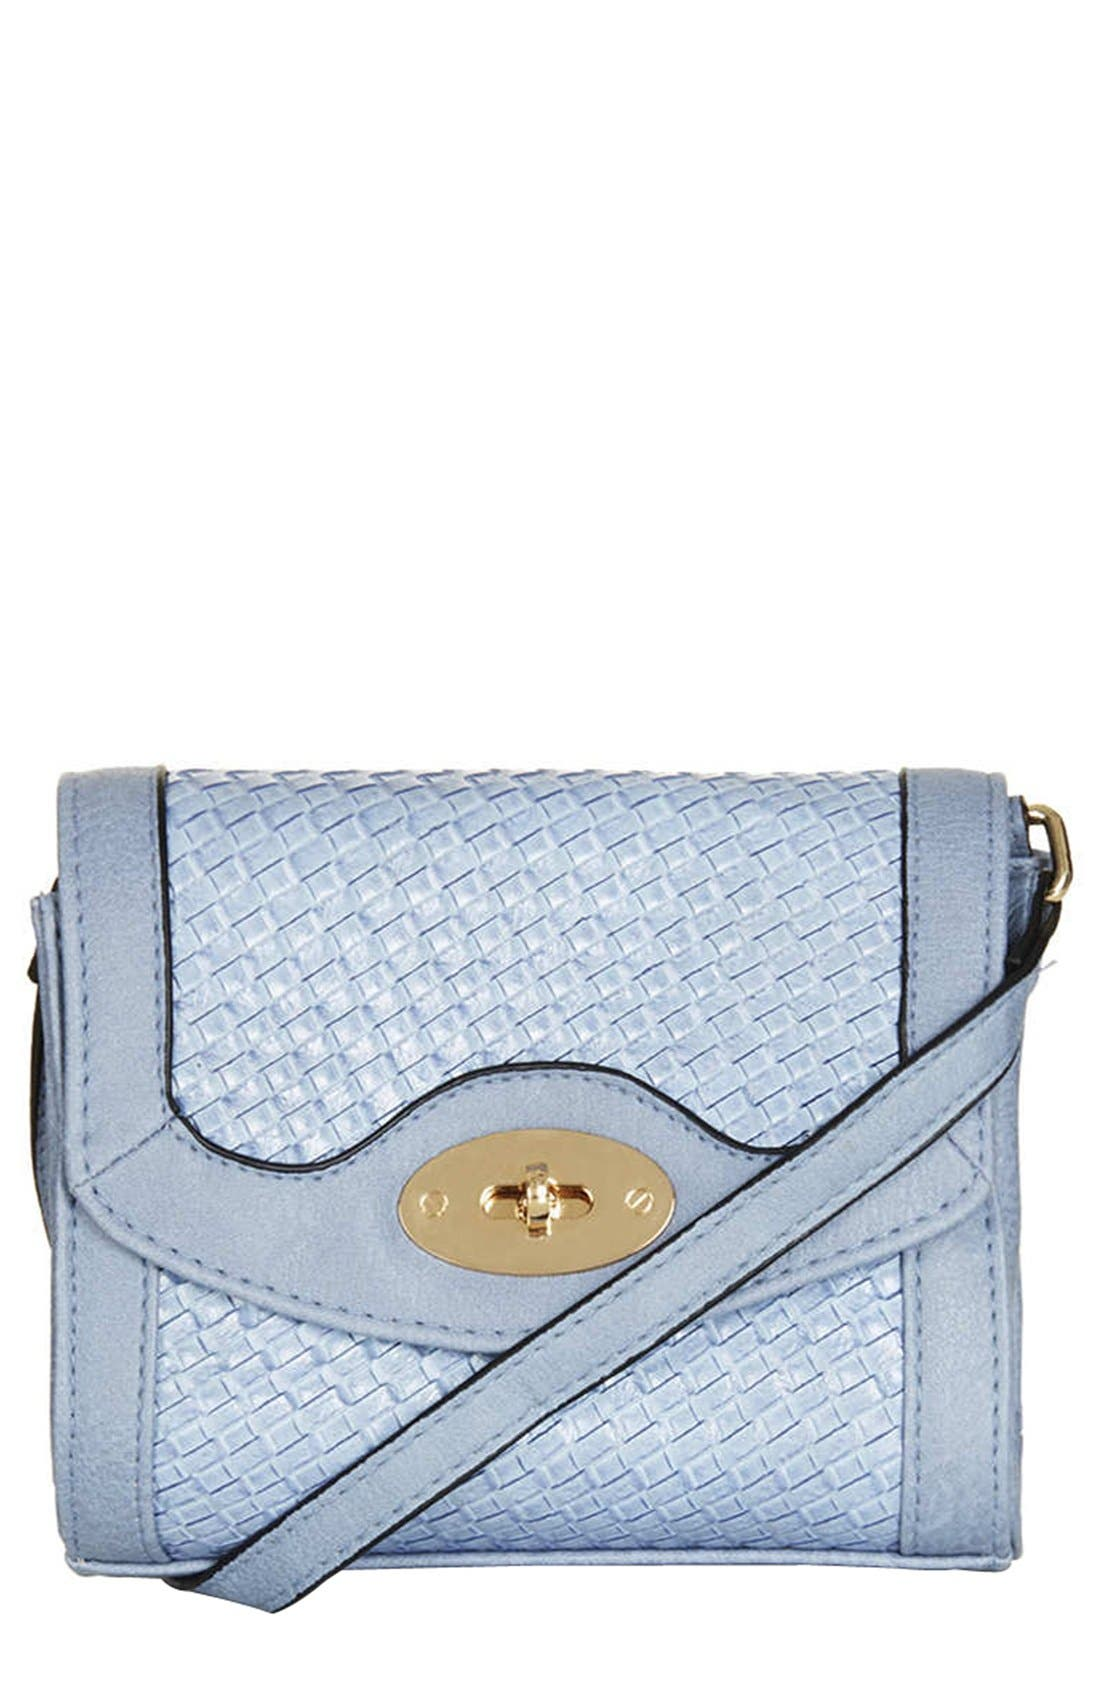 Alternate Image 1 Selected - Topshop Embossed Mini Crossbody Bag